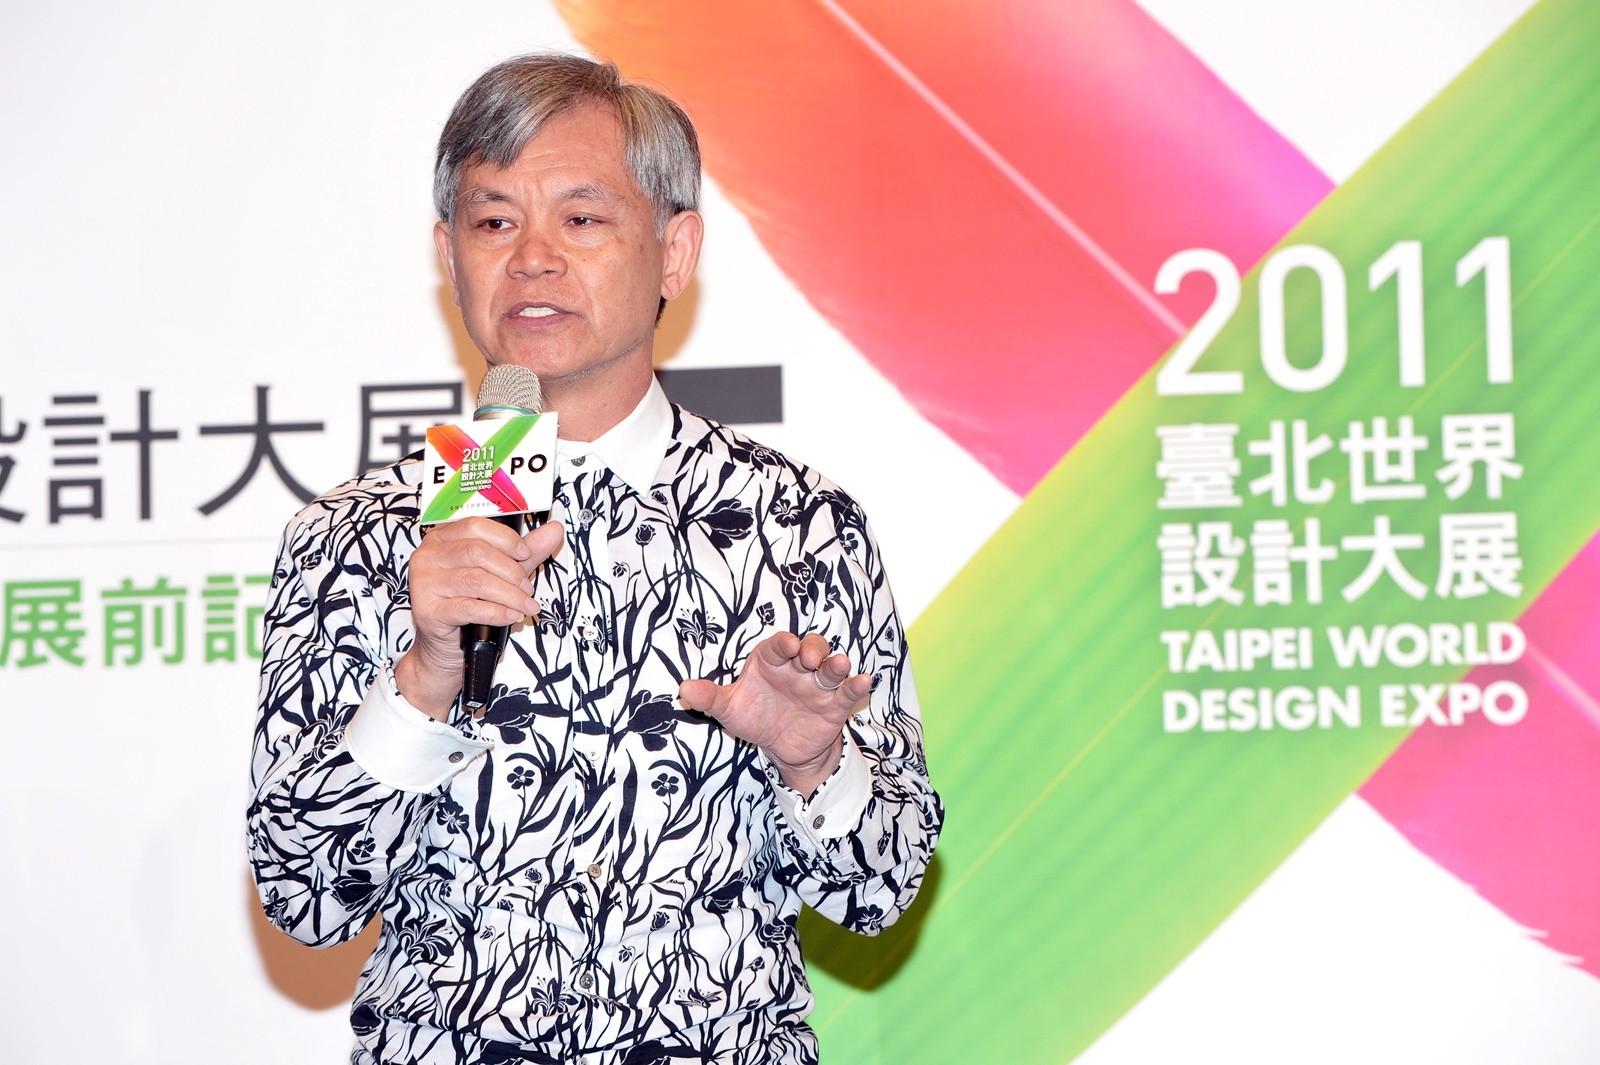 張光民學長為台灣爭取到主辦2011台北世界設計大展,讓全球看見台灣的設計能量。.JPG